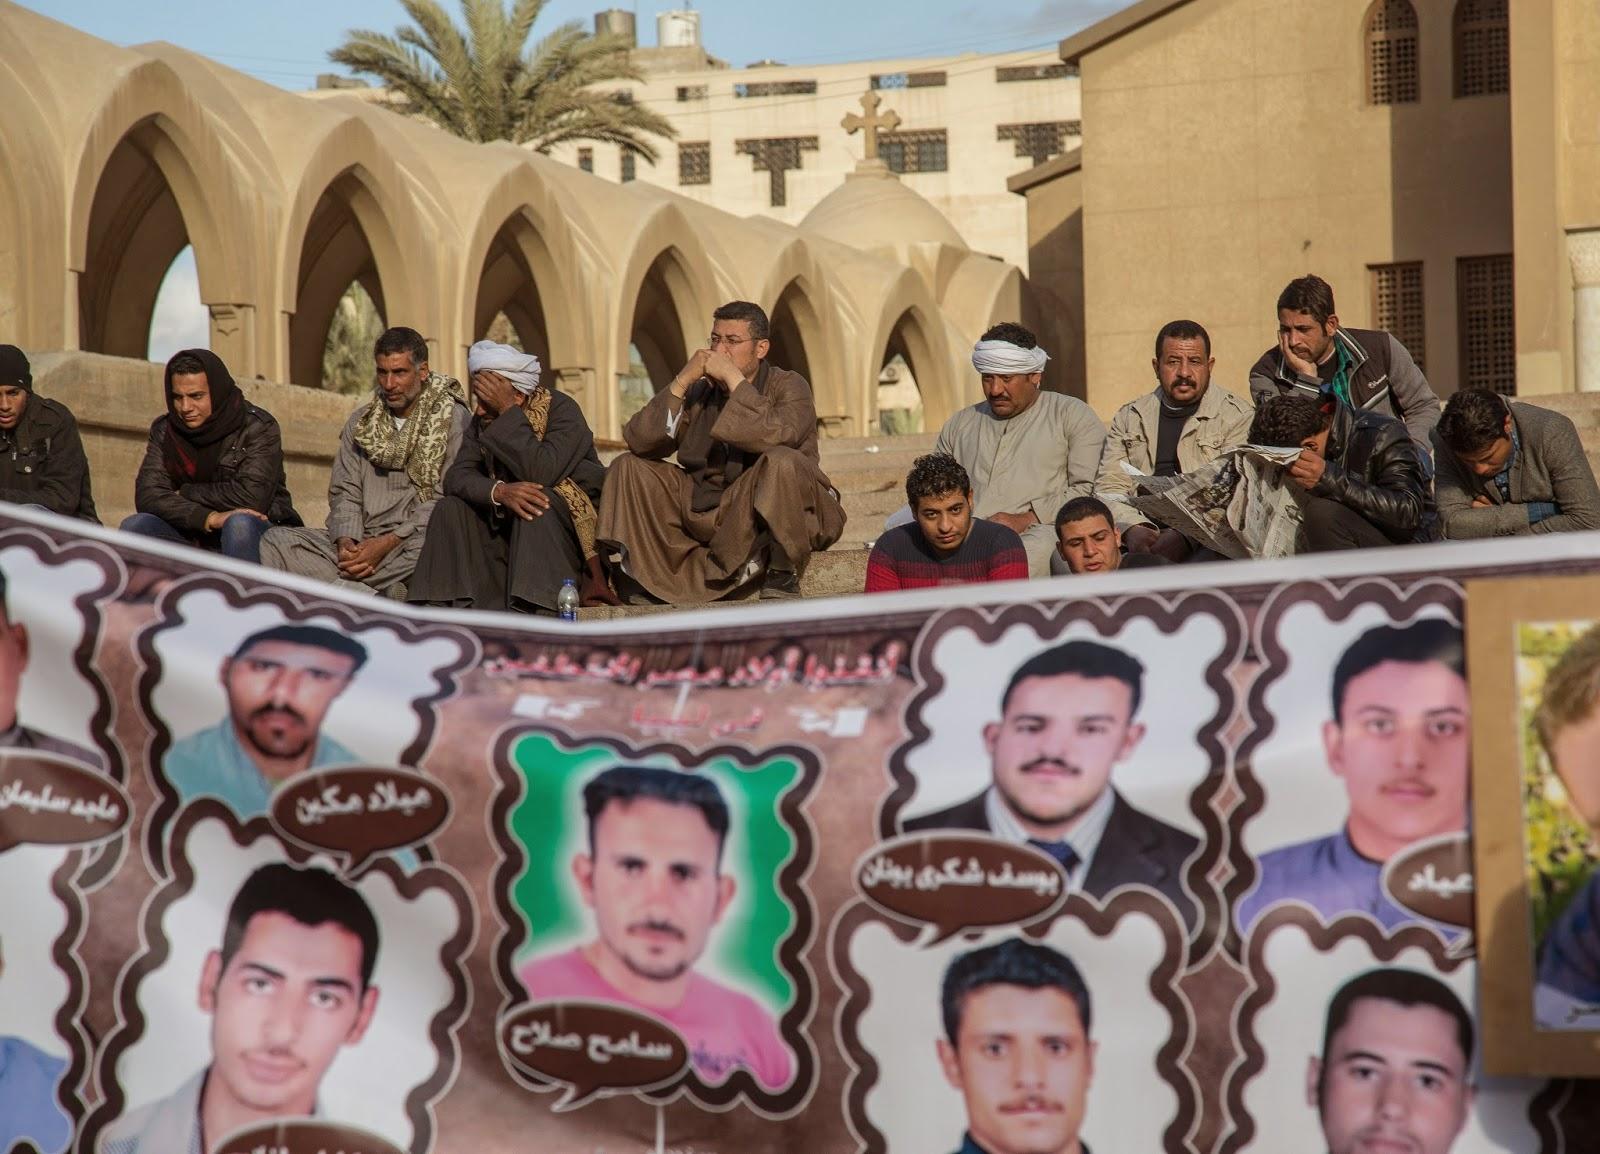 dzsihadista terrorszervezetet, Egyiptom, Iszlám Állam, Líbia, Szirt, terrorizmus,